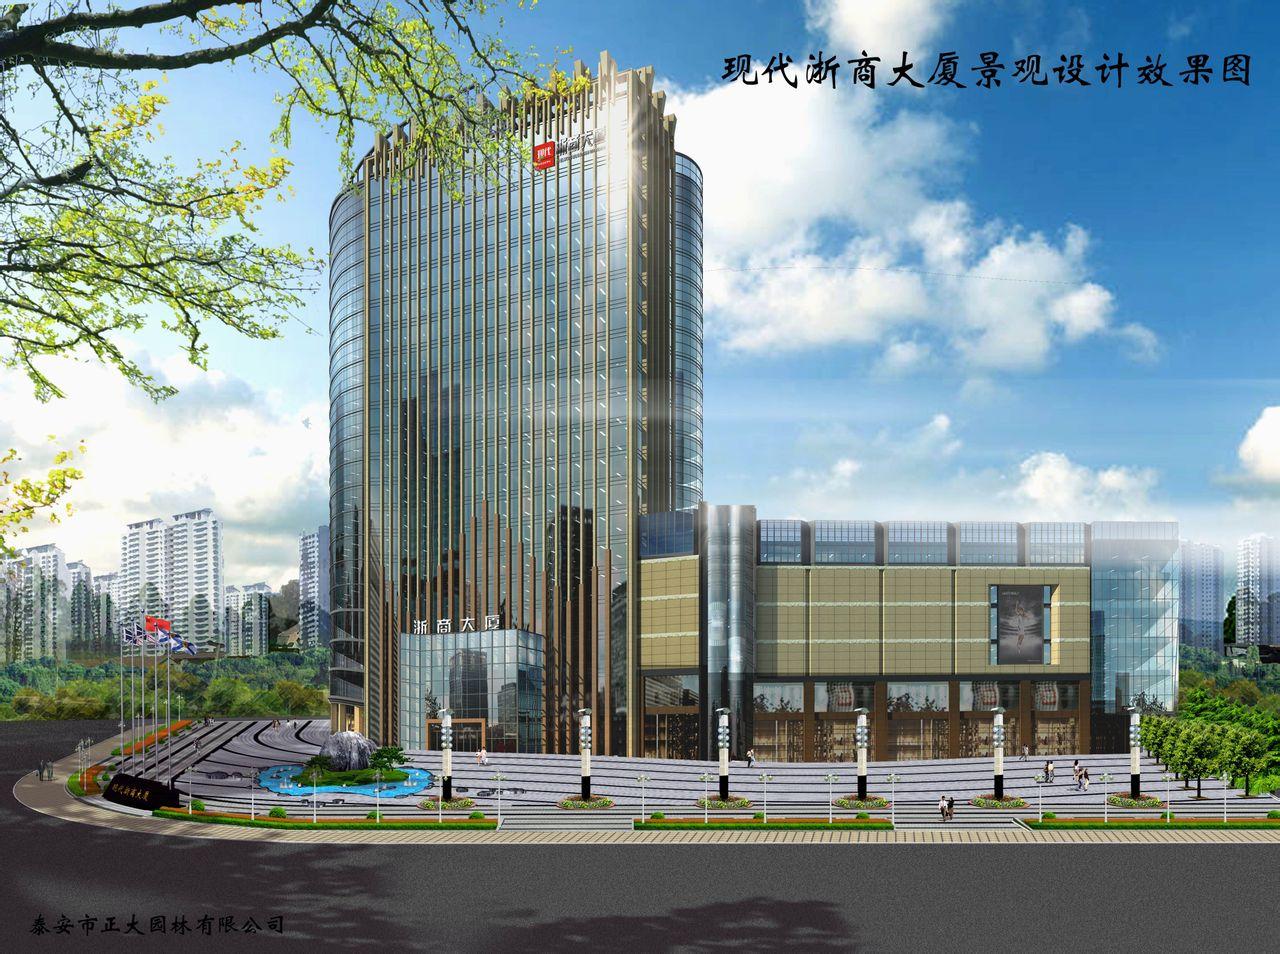 山东现代浙商大厦 济南现代国际名酒城 高清图片